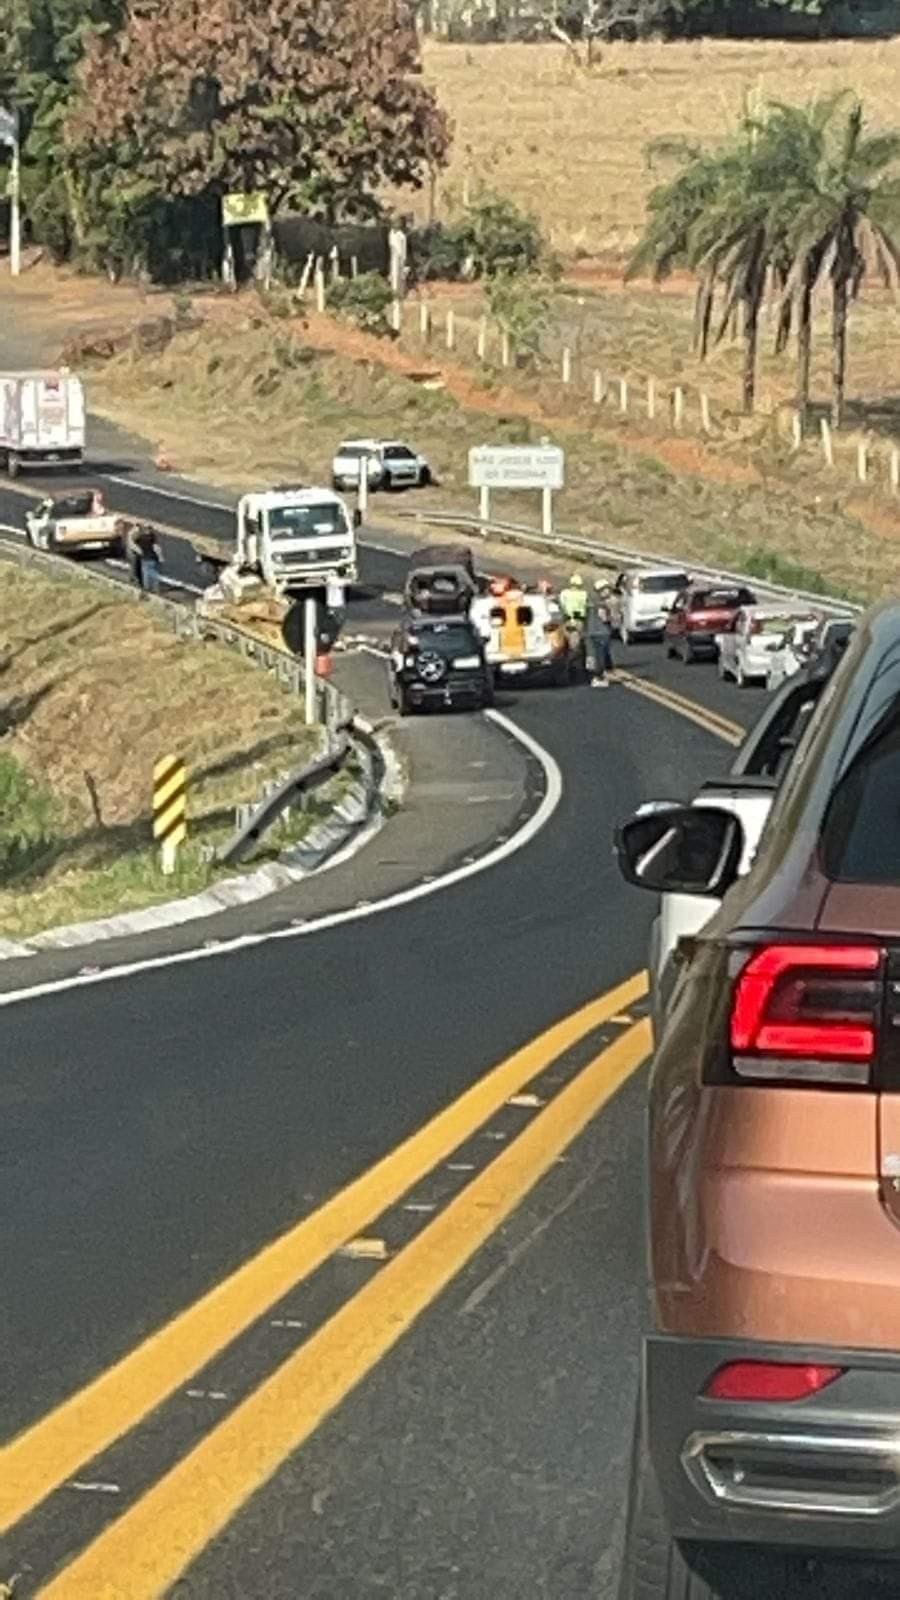 Quatro pessoas ficam feridas após acidente entre carro e caminhonete na MG-050, em Passos - Foto: Reprodução